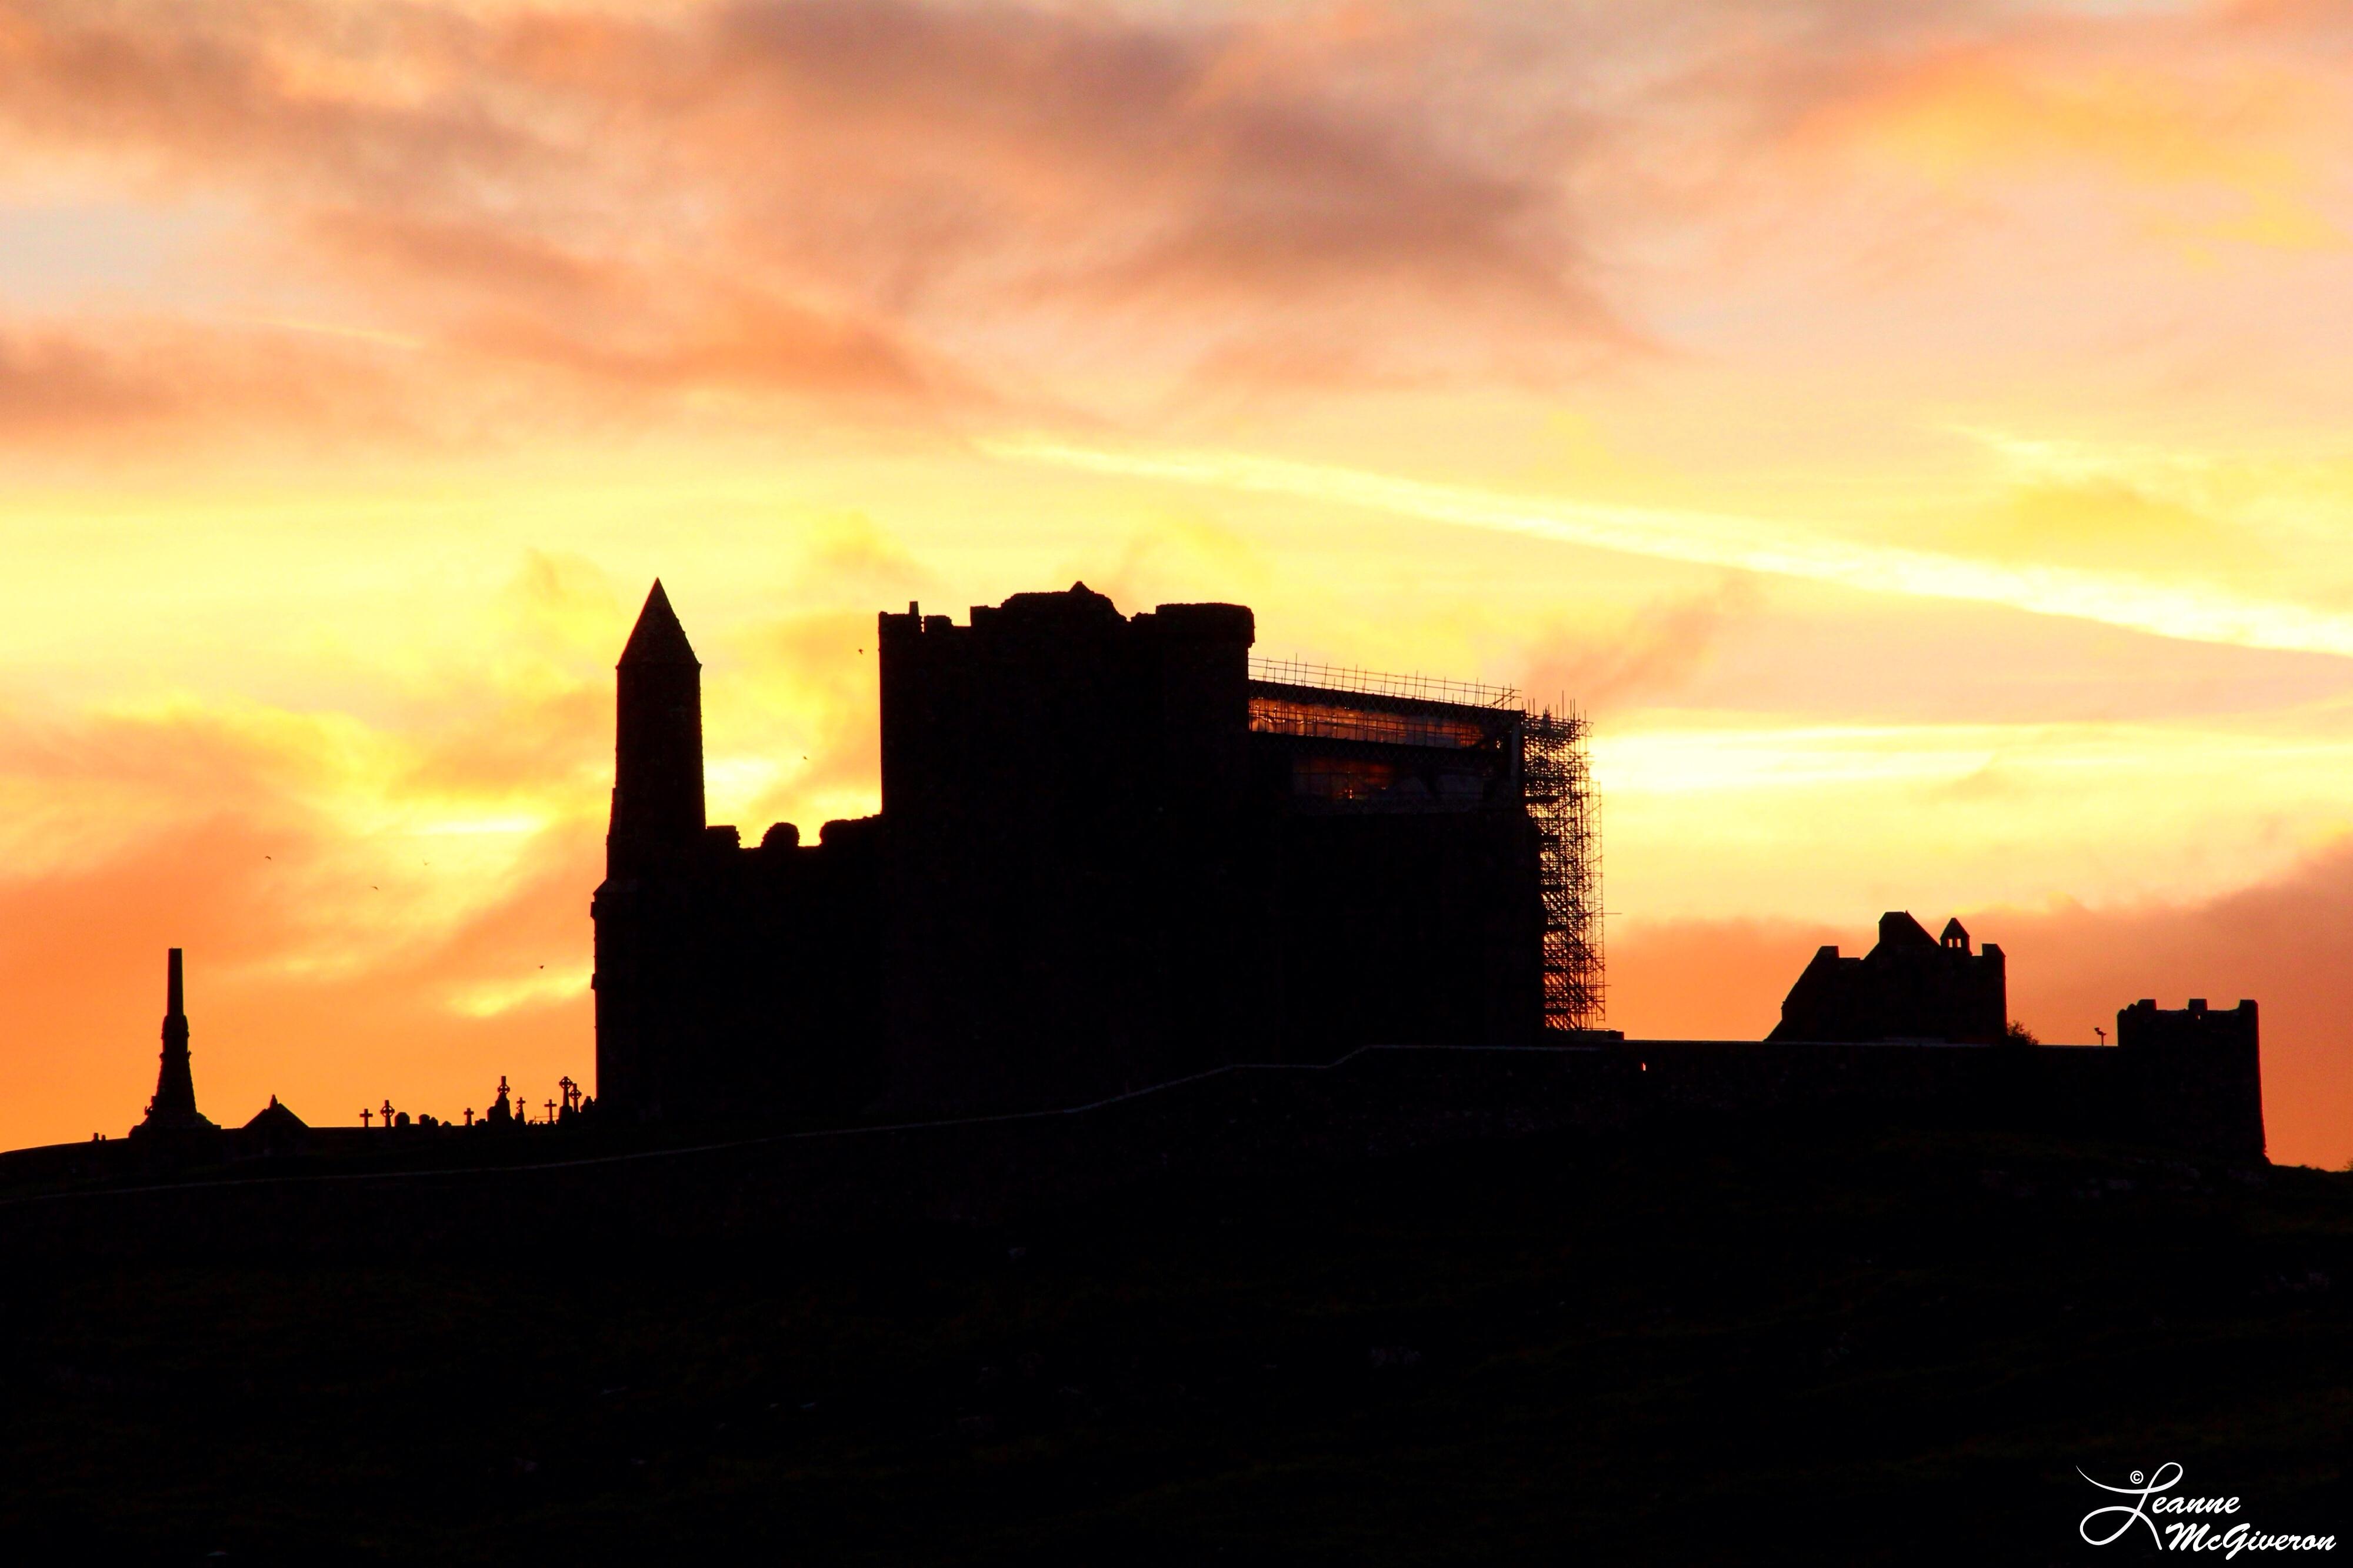 Rock of Cashel Sunrise